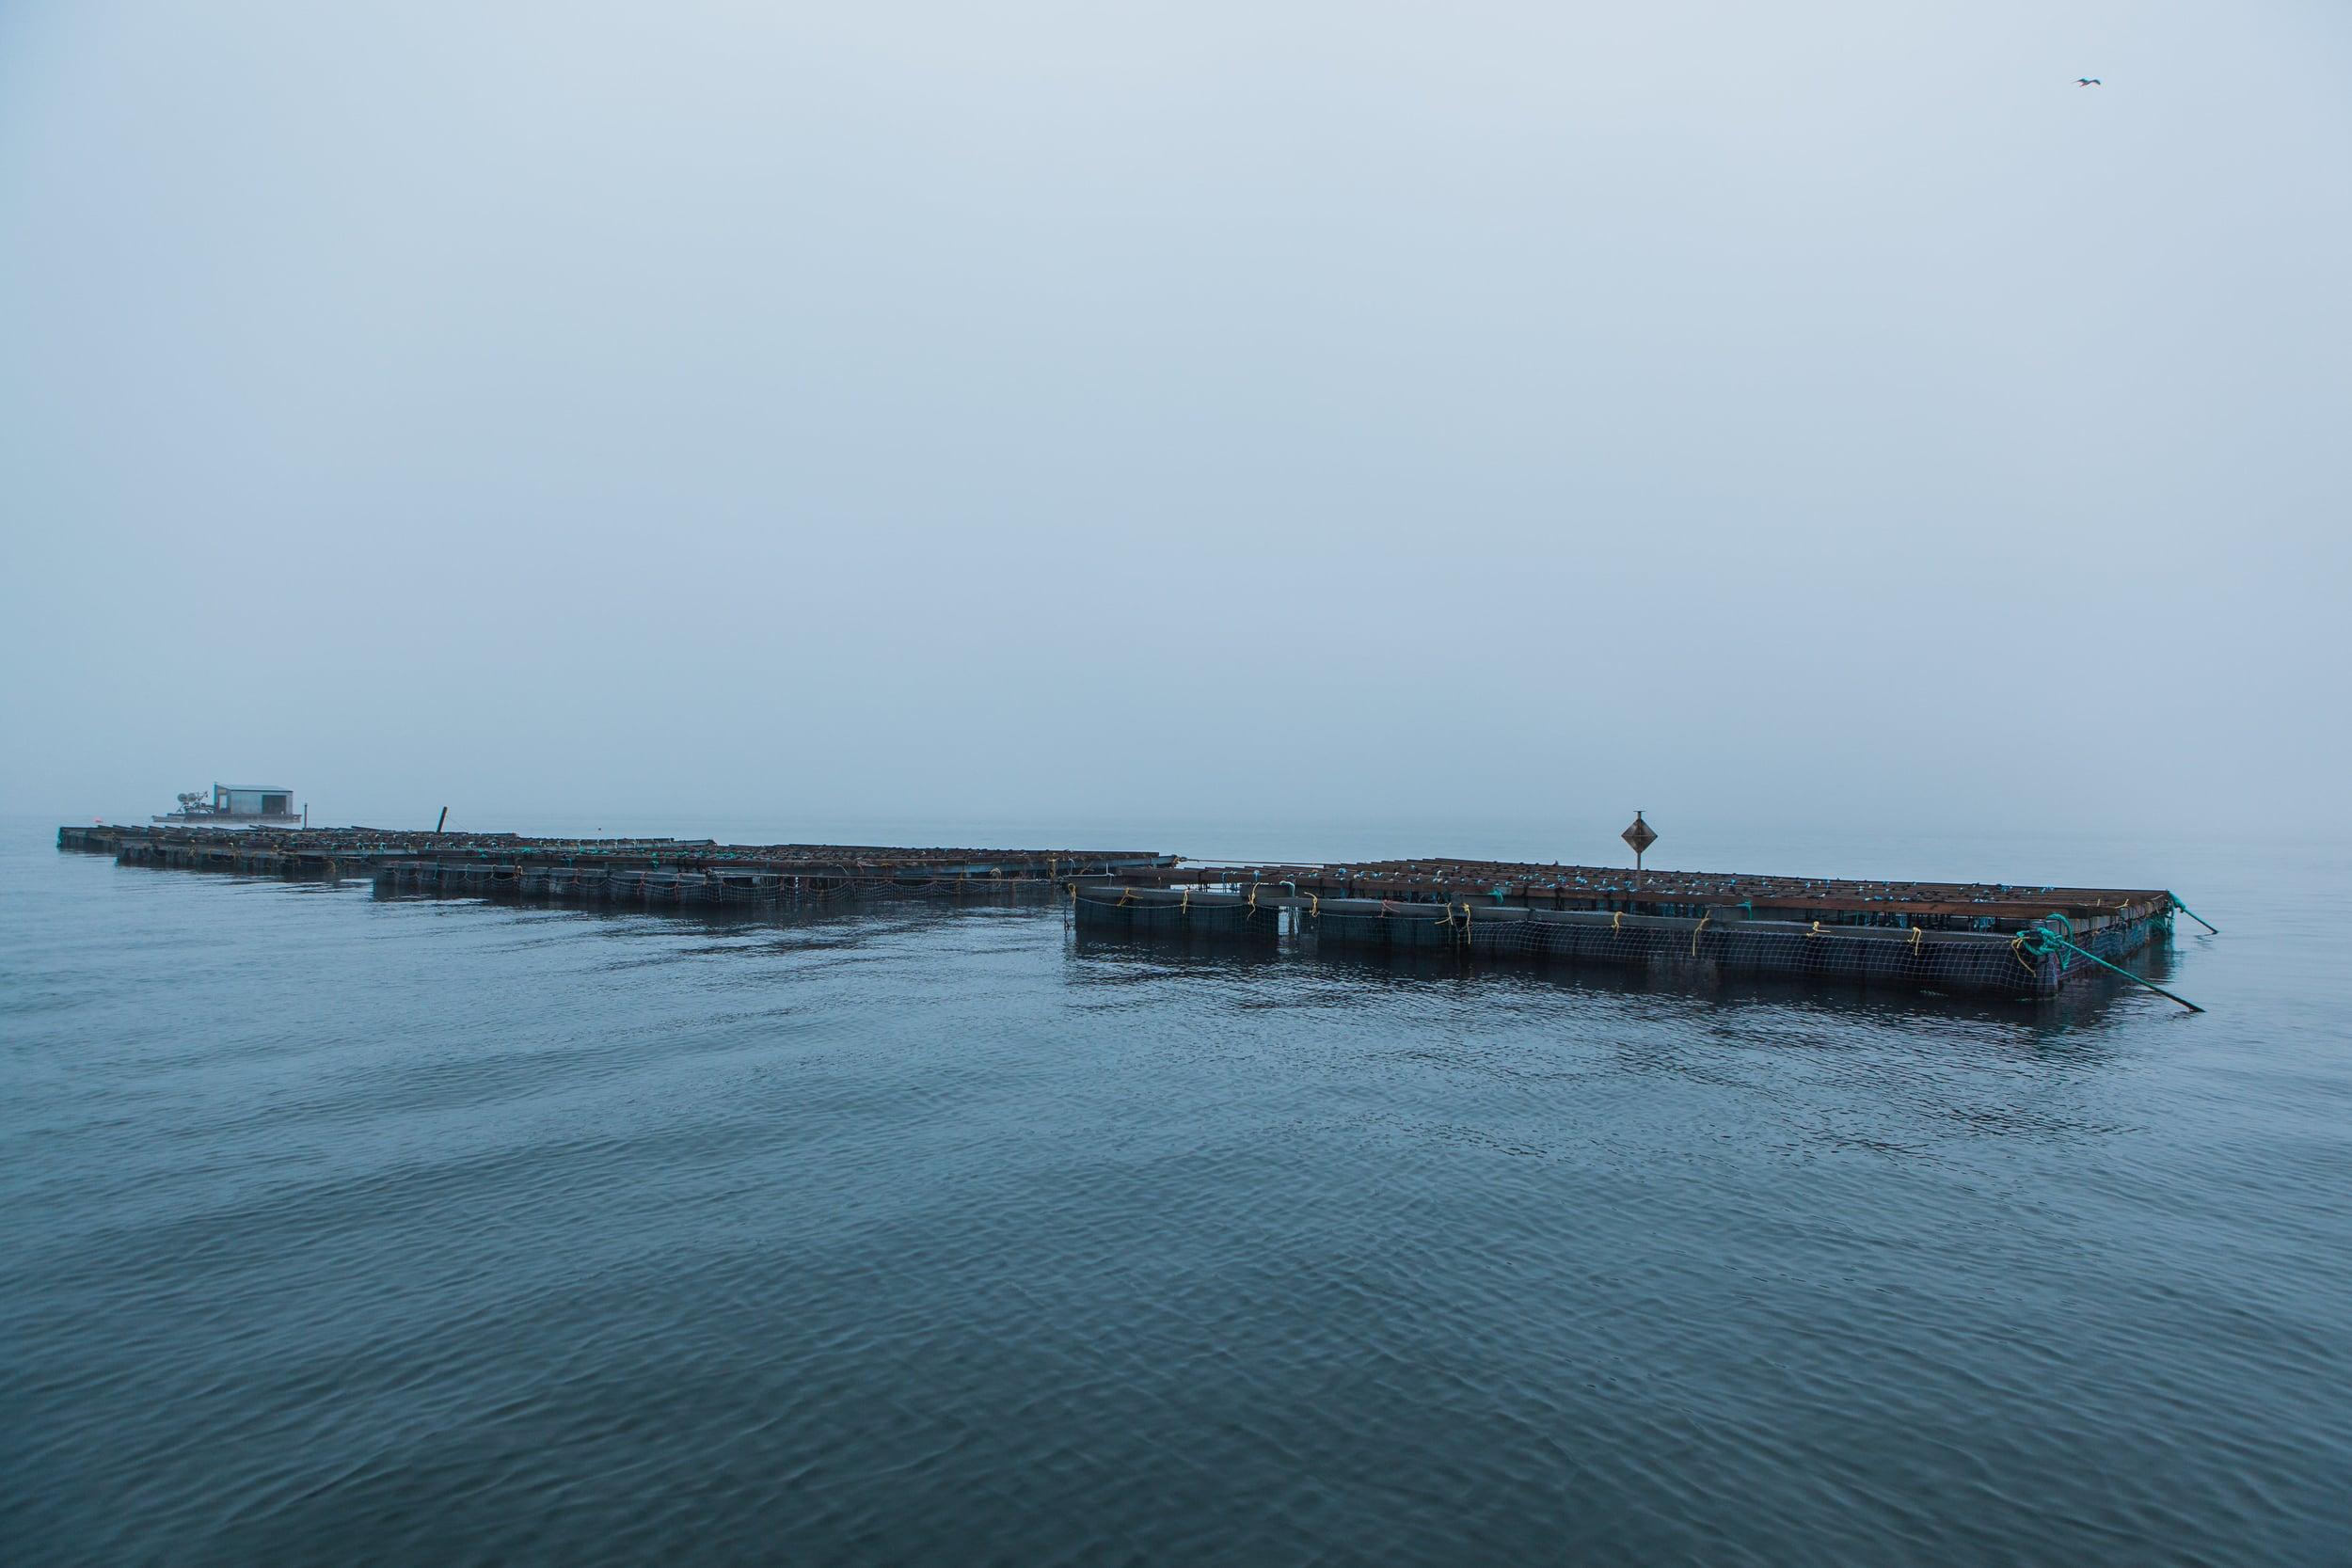 Bangs-Island-Mussels-3.jpg